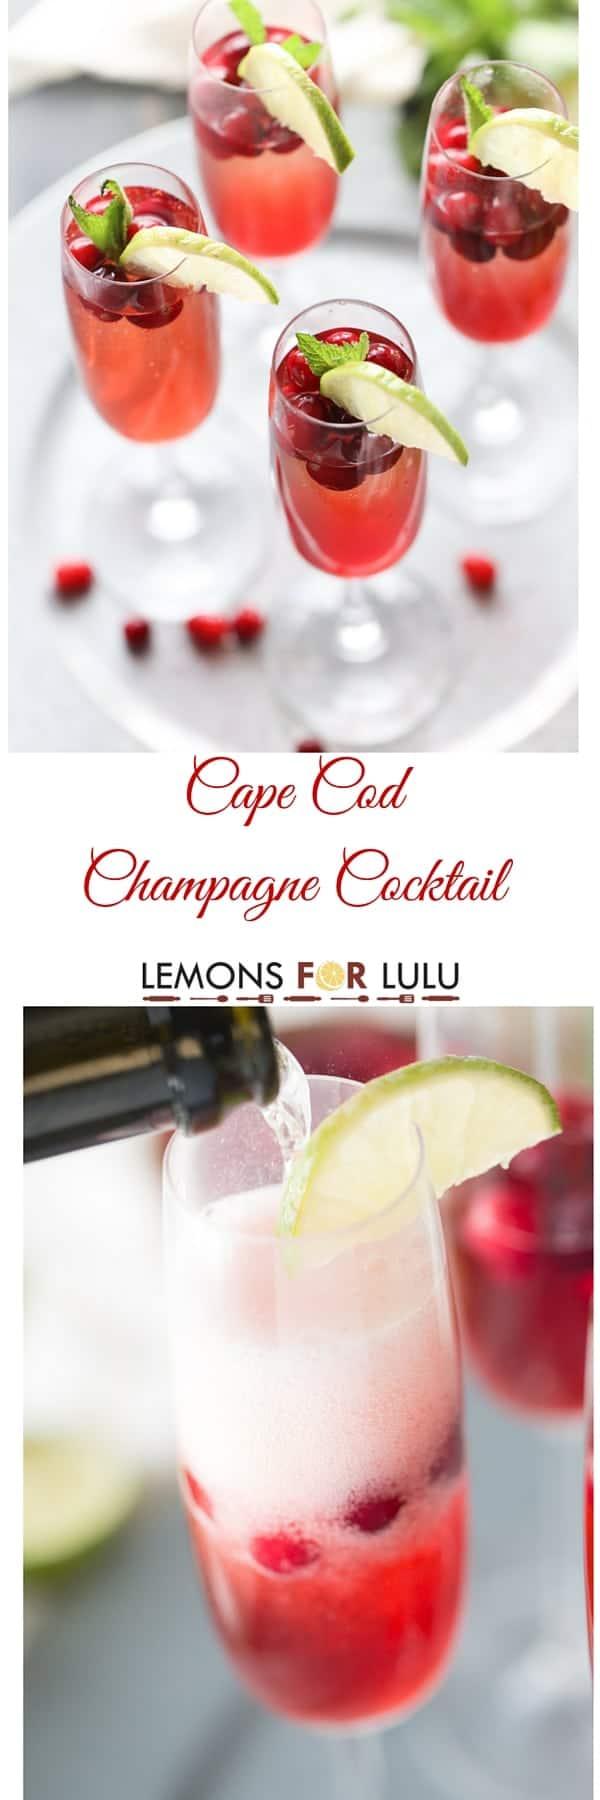 Cape Cod cocktail title image